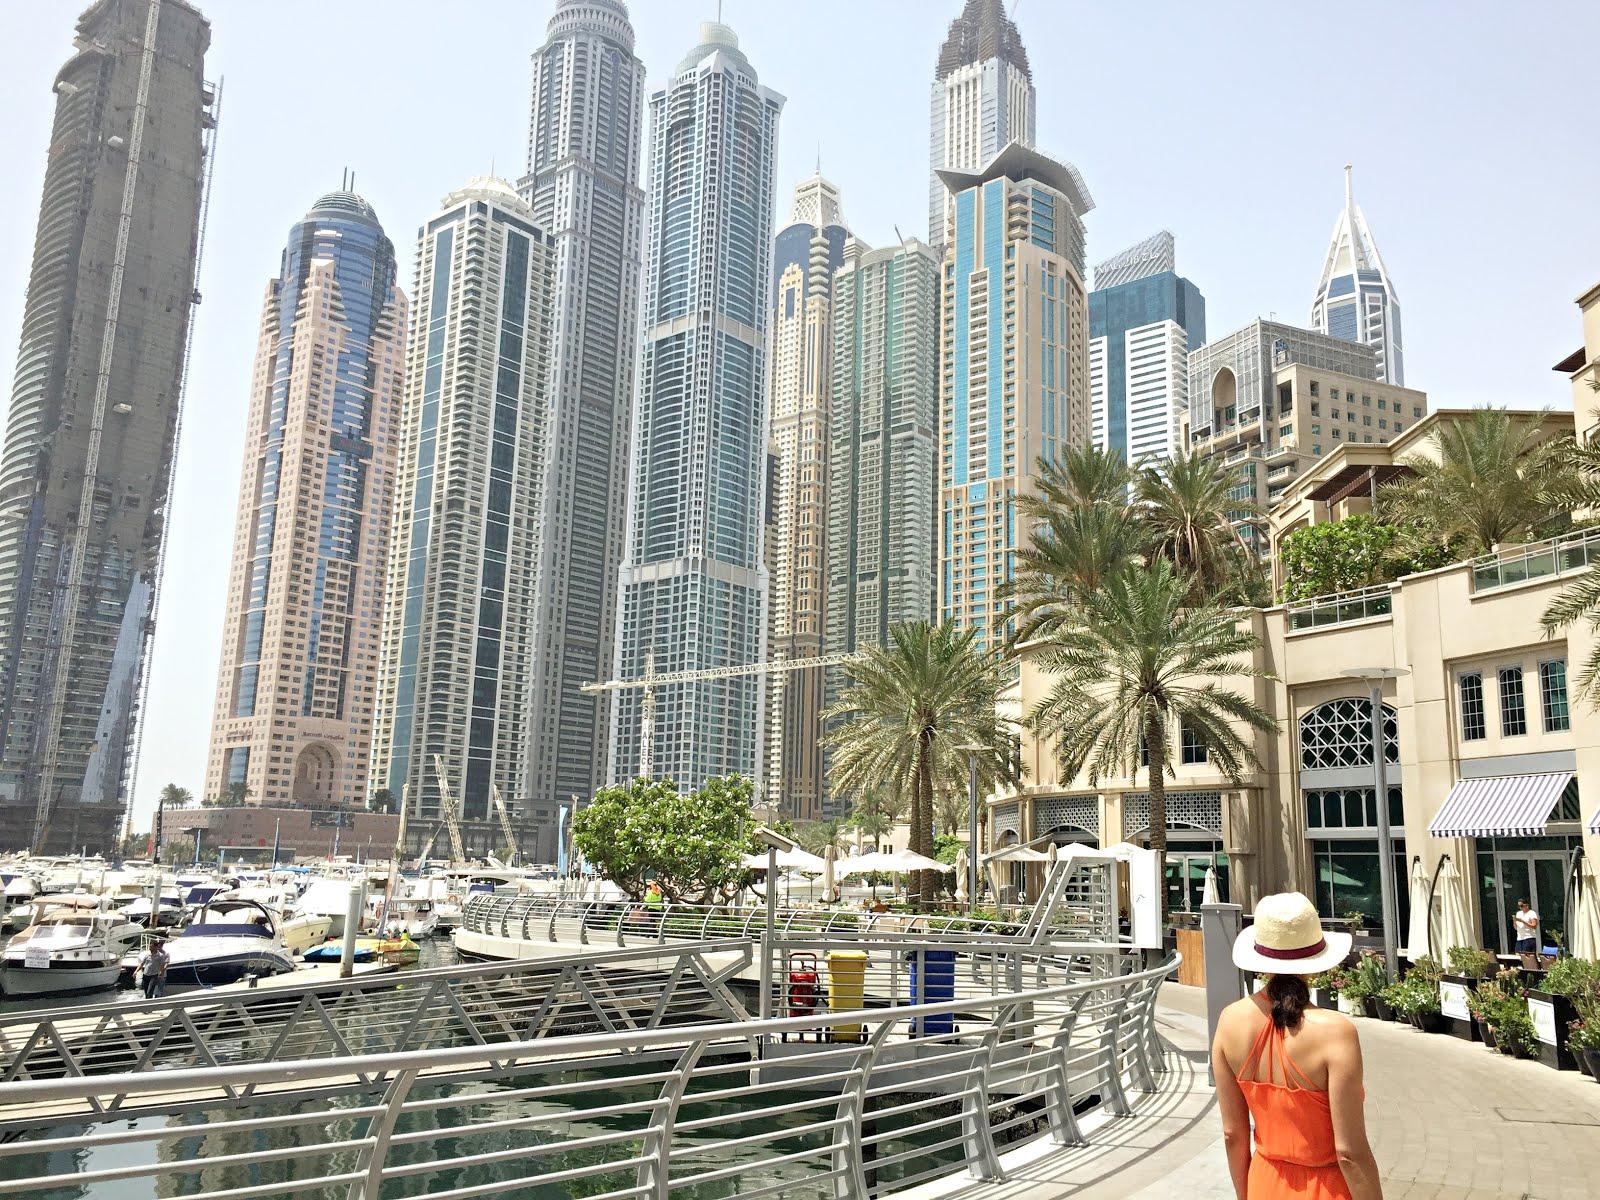 dubaj, lifestyle, novamoda travels, travel, muskat, co warto zobaczyć w dubaju, emiraty arabskie, the plam, burj khalifa, Dubaj Madinat, Suk w Dubaju, oceanarium w dubaju, blog o podróżach, kobieta, styl życia, kobiece podróże, podróże, wyjazd rodzinny